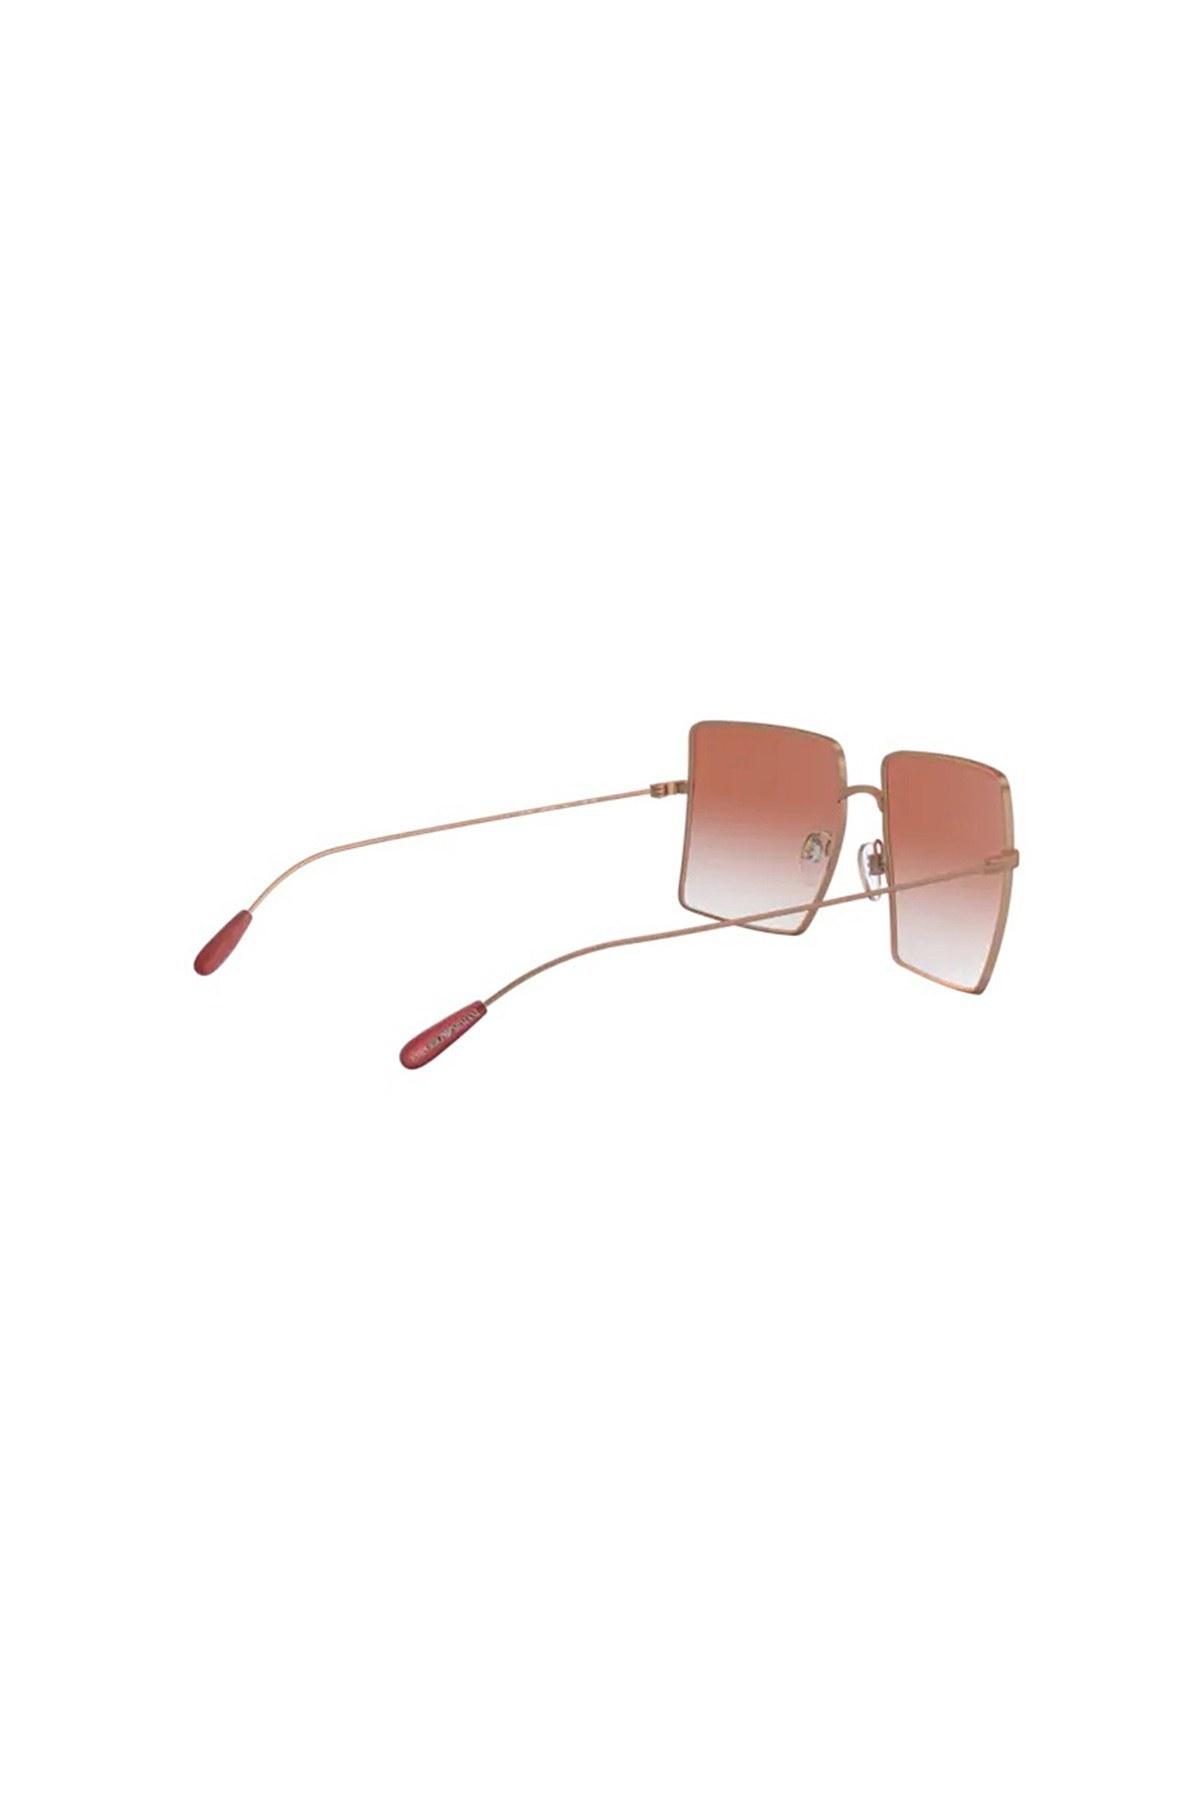 Emporio Armani Aynalı Kadın Gözlük 0EA2101 3004V0 56 ROSE